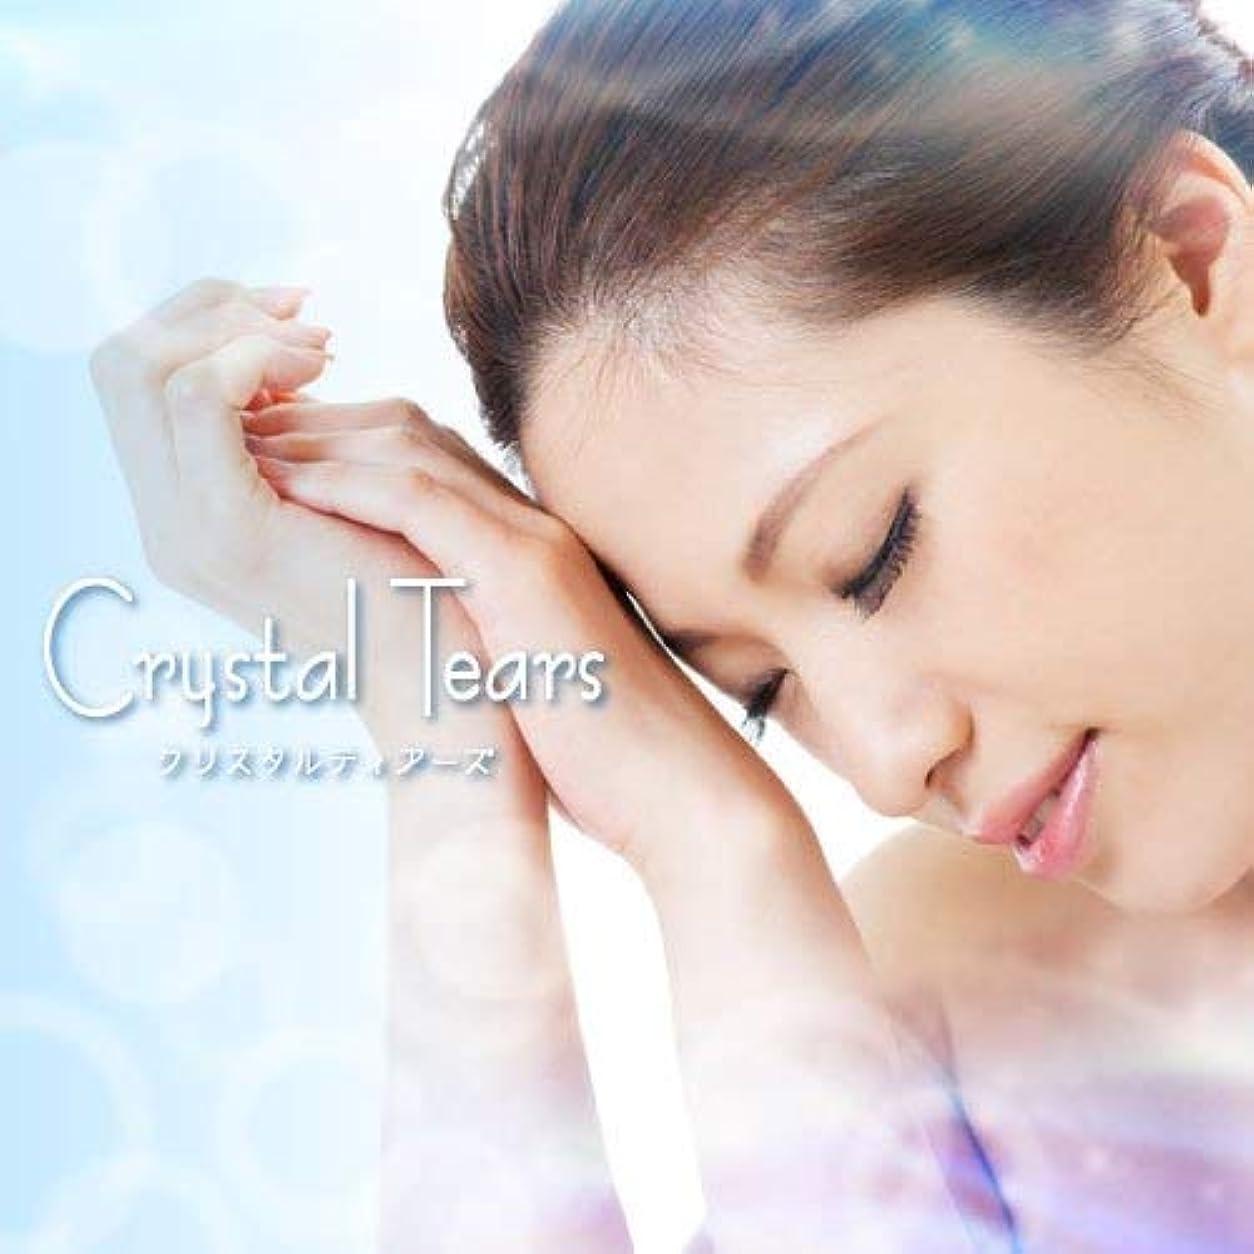 顔料説得力のある弱いCrystal Tears(クリスタル ティアーズ)